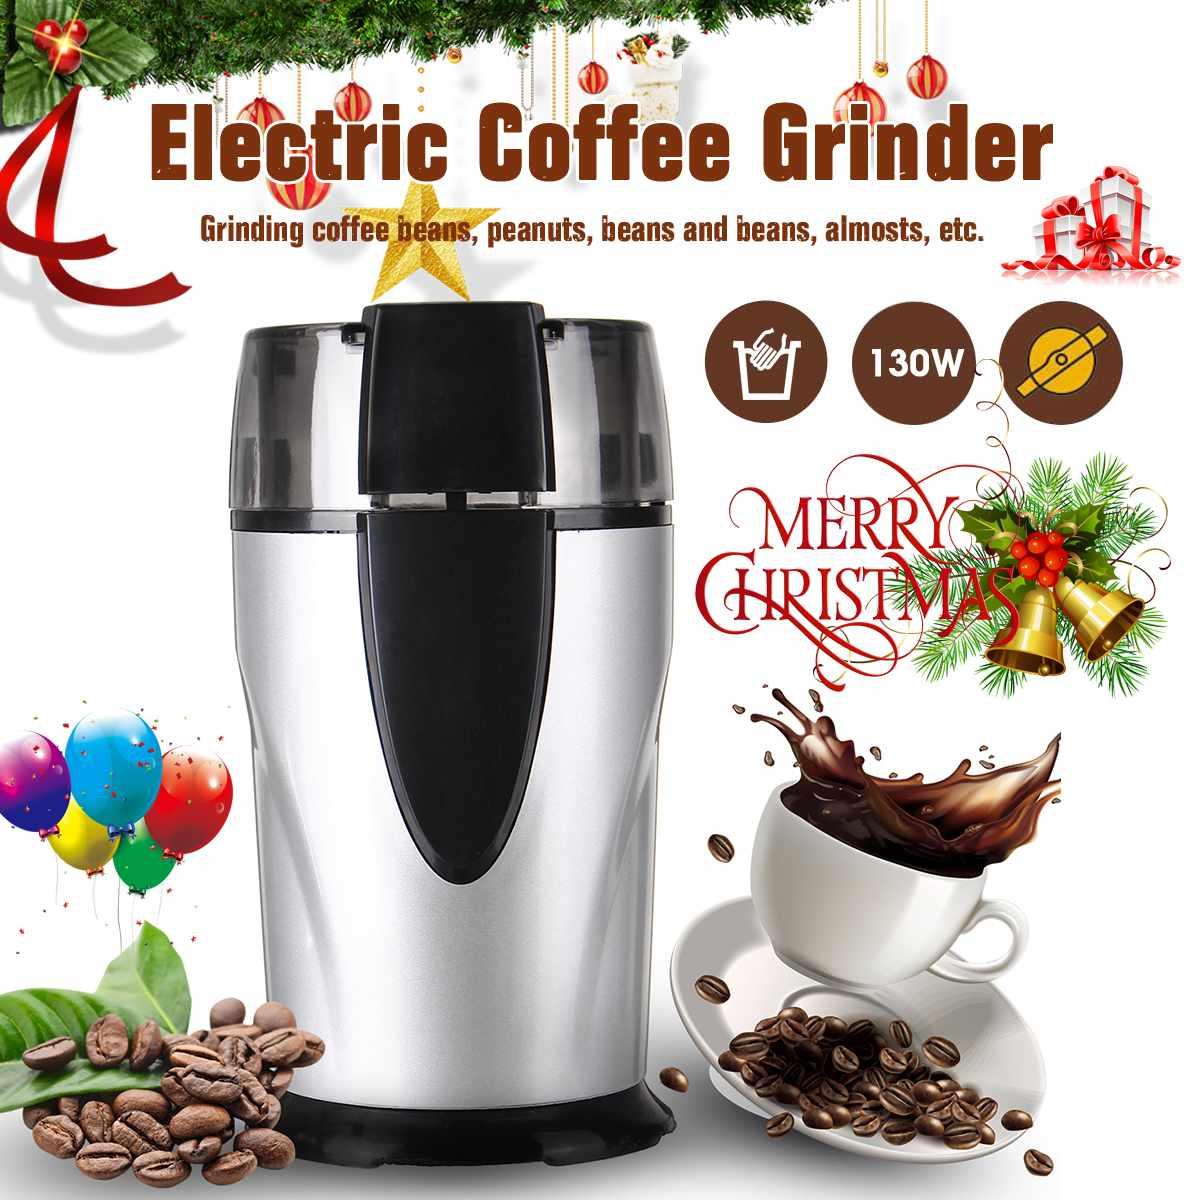 Электрическая кофемолка для специй, лезвия из нержавеющей стали, мельница для кофейных зерен, трав, орехов, кафе, домашний кухонный инструме...